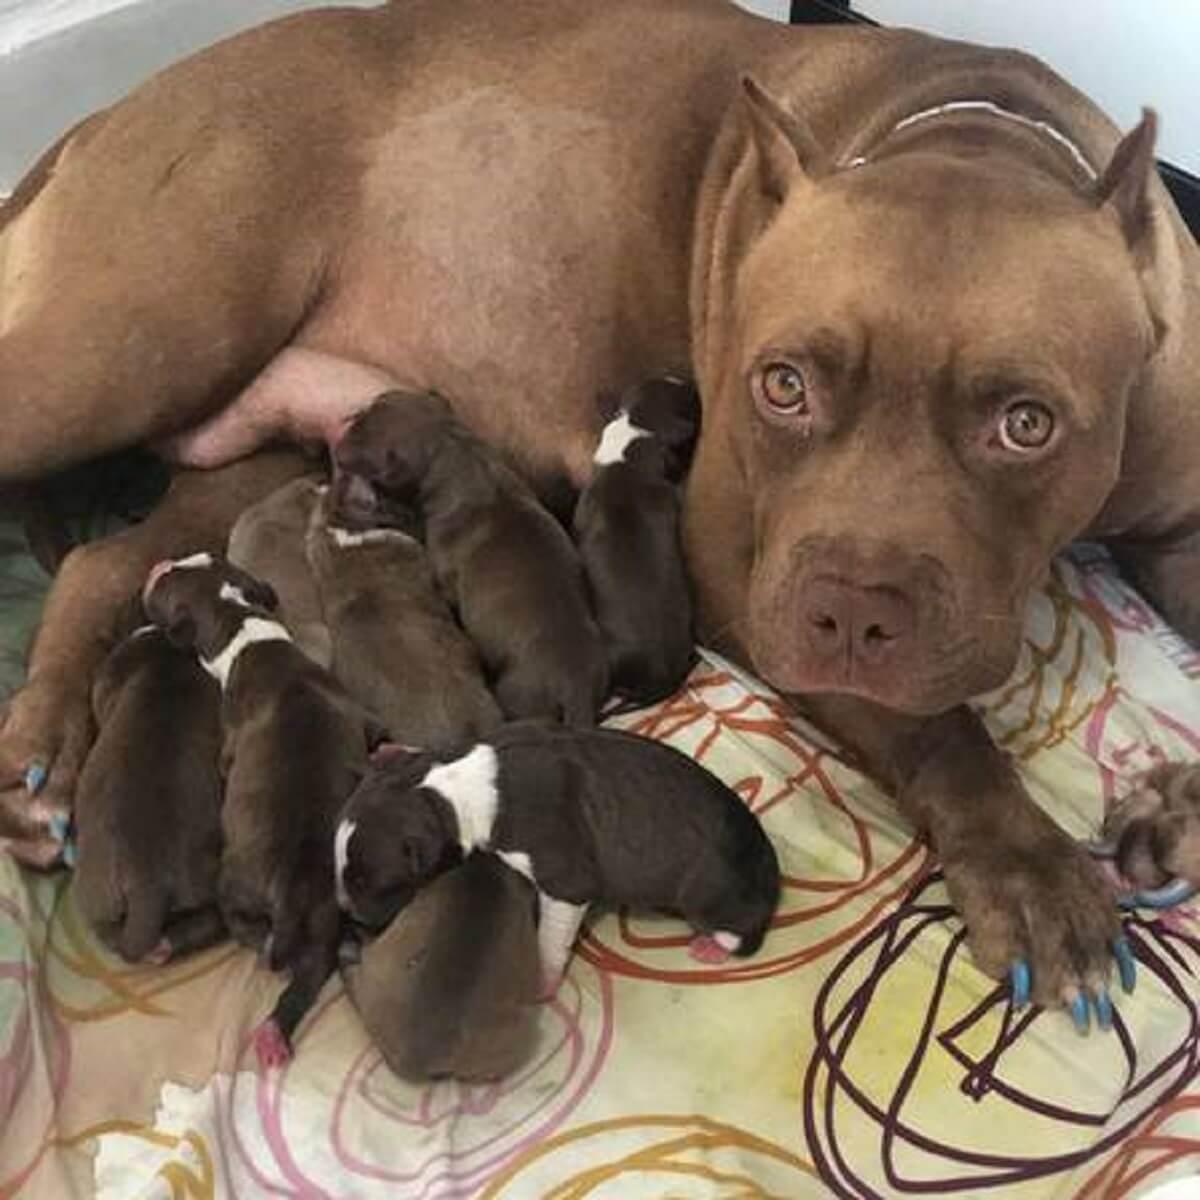 xfilhotesjpgpagespeedic h0dhk8zwly - Fisioculturista salva filhote de cão realizando massagem cardíaca e respiração boca a boca